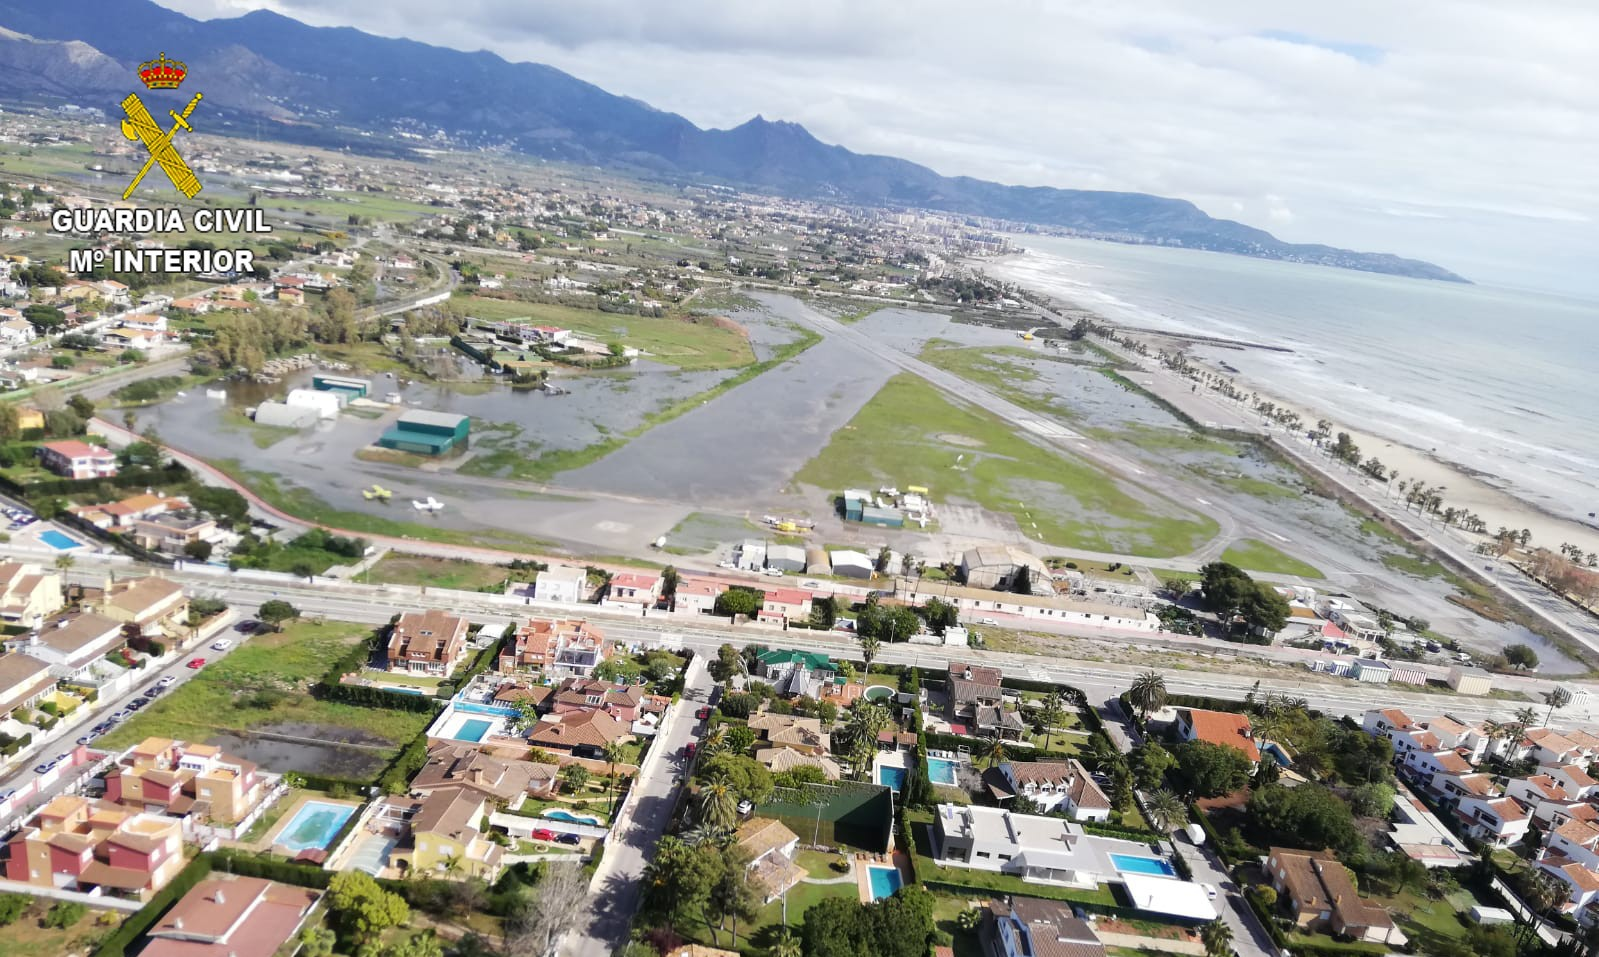 La Guardia Civil interviene en las inundaciones de la provincia de Castellón